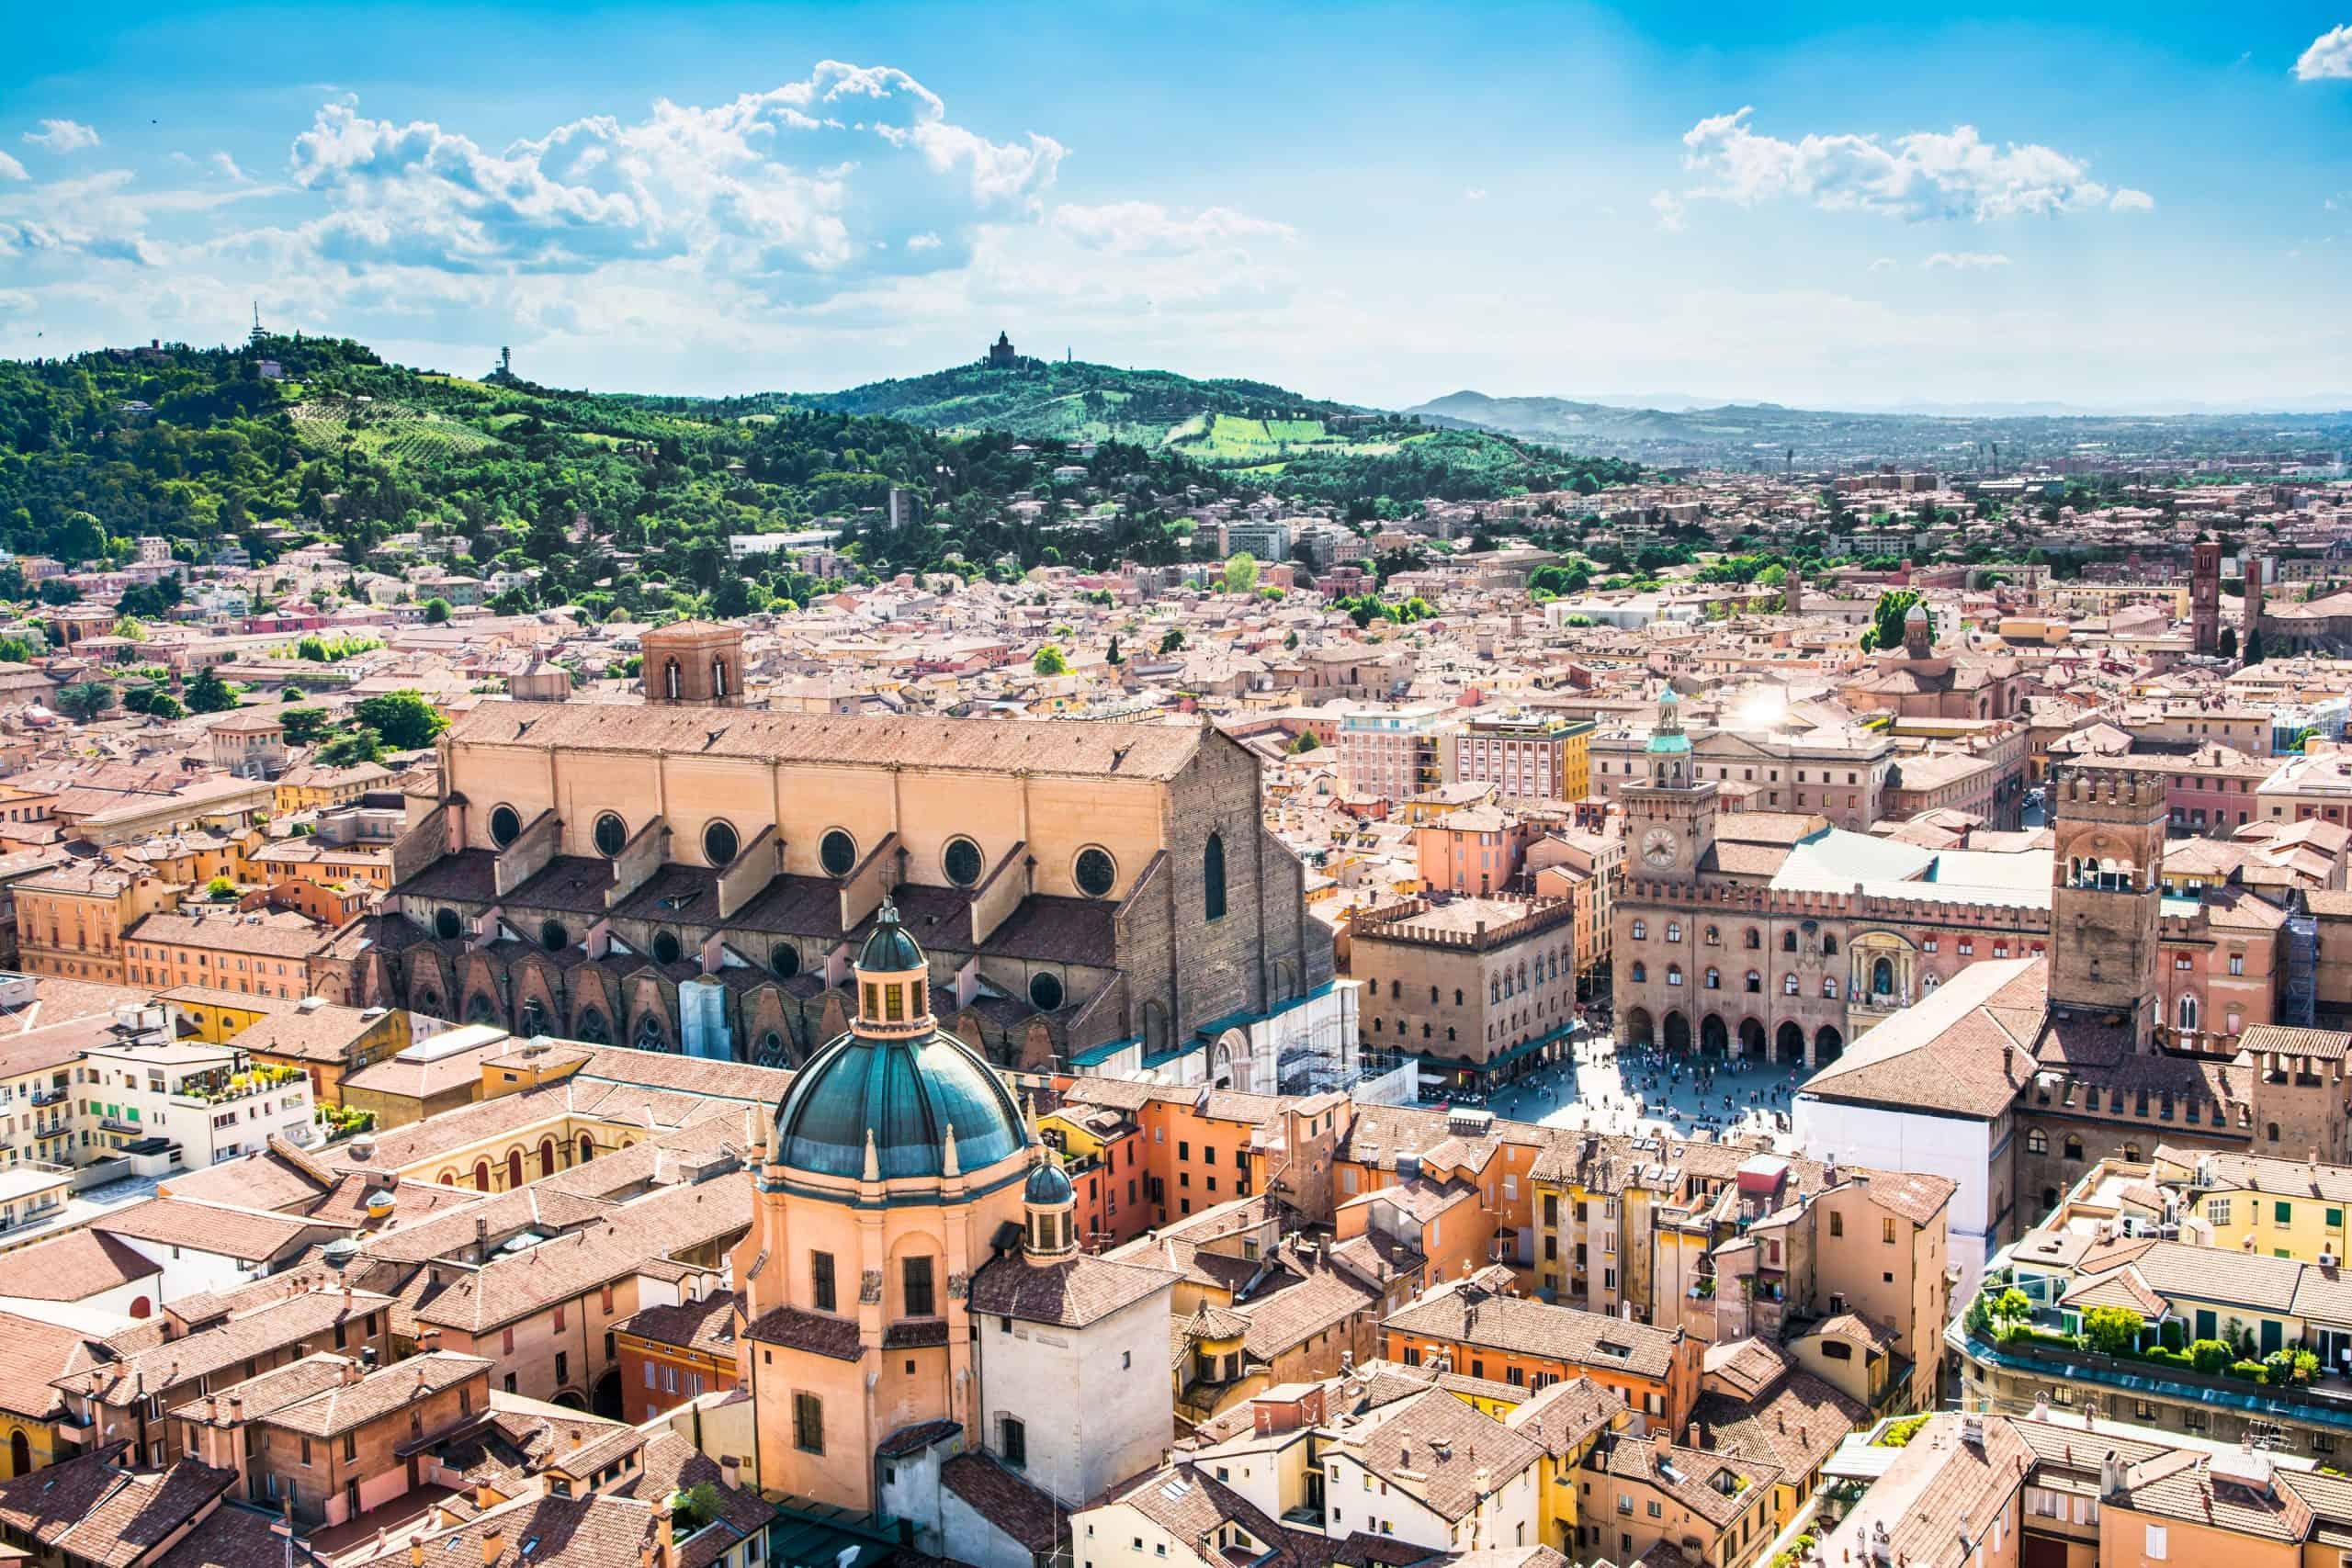 Historisch centrum van Bologna in Emilia-Romagna